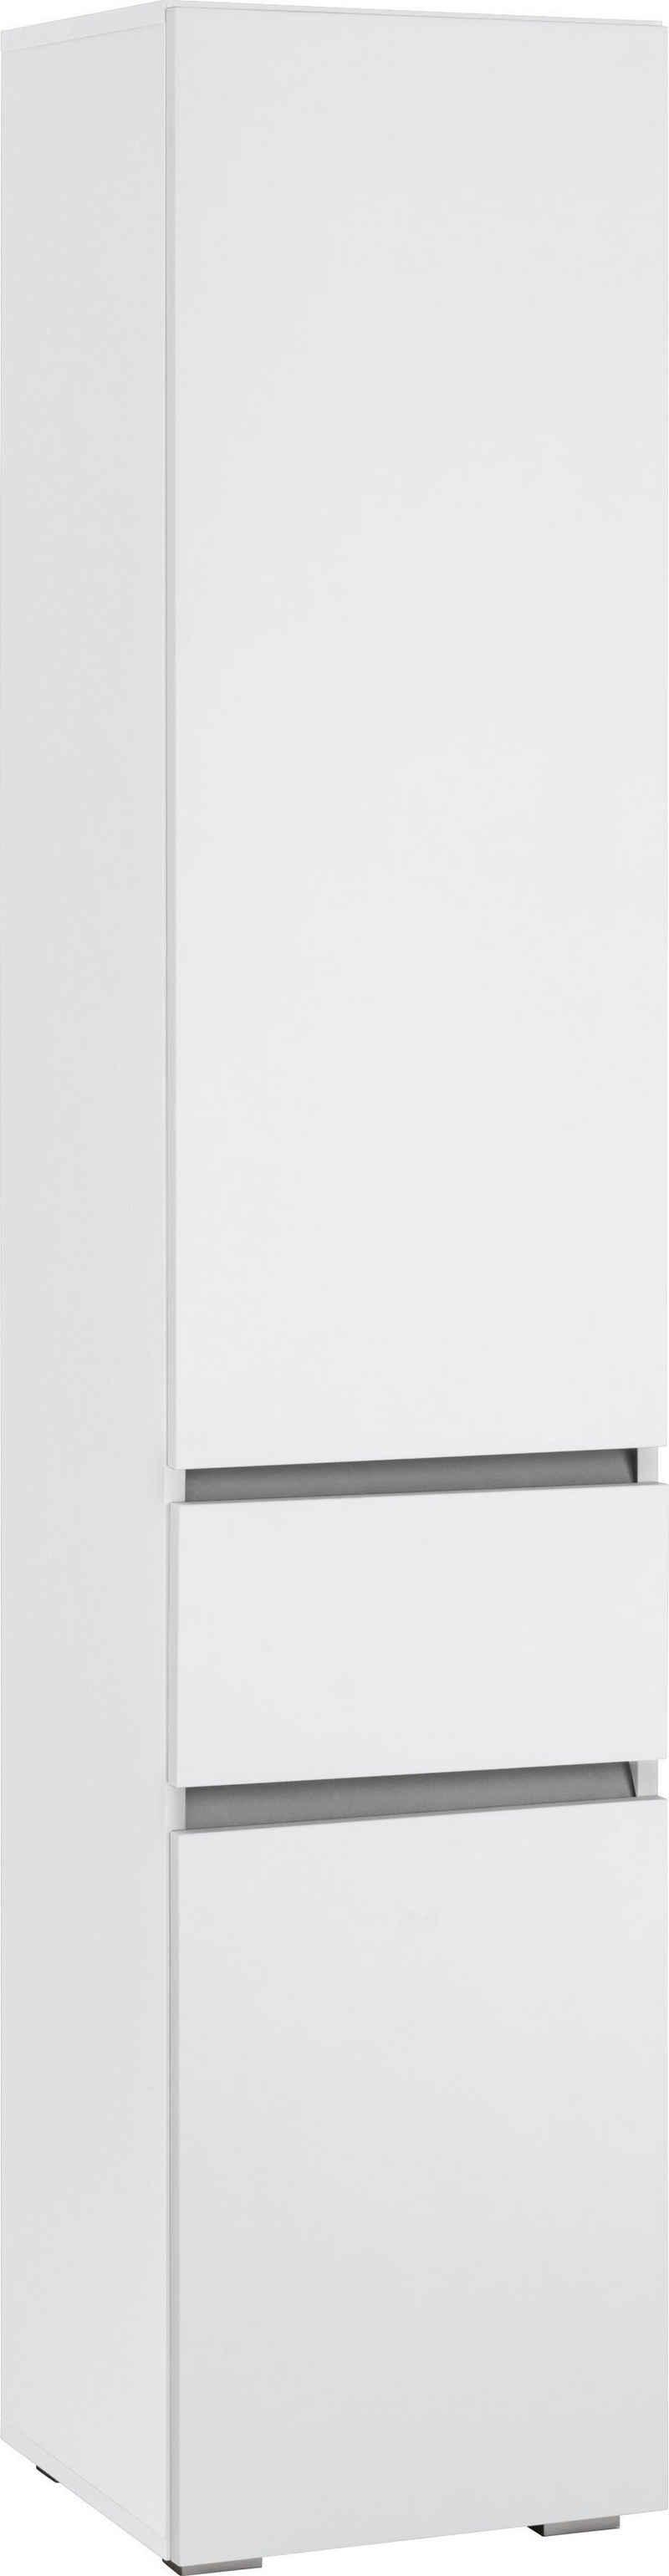 Home affaire Hochschrank »Wisla« Höhe 180 cm, mit Türen & Schubkasten